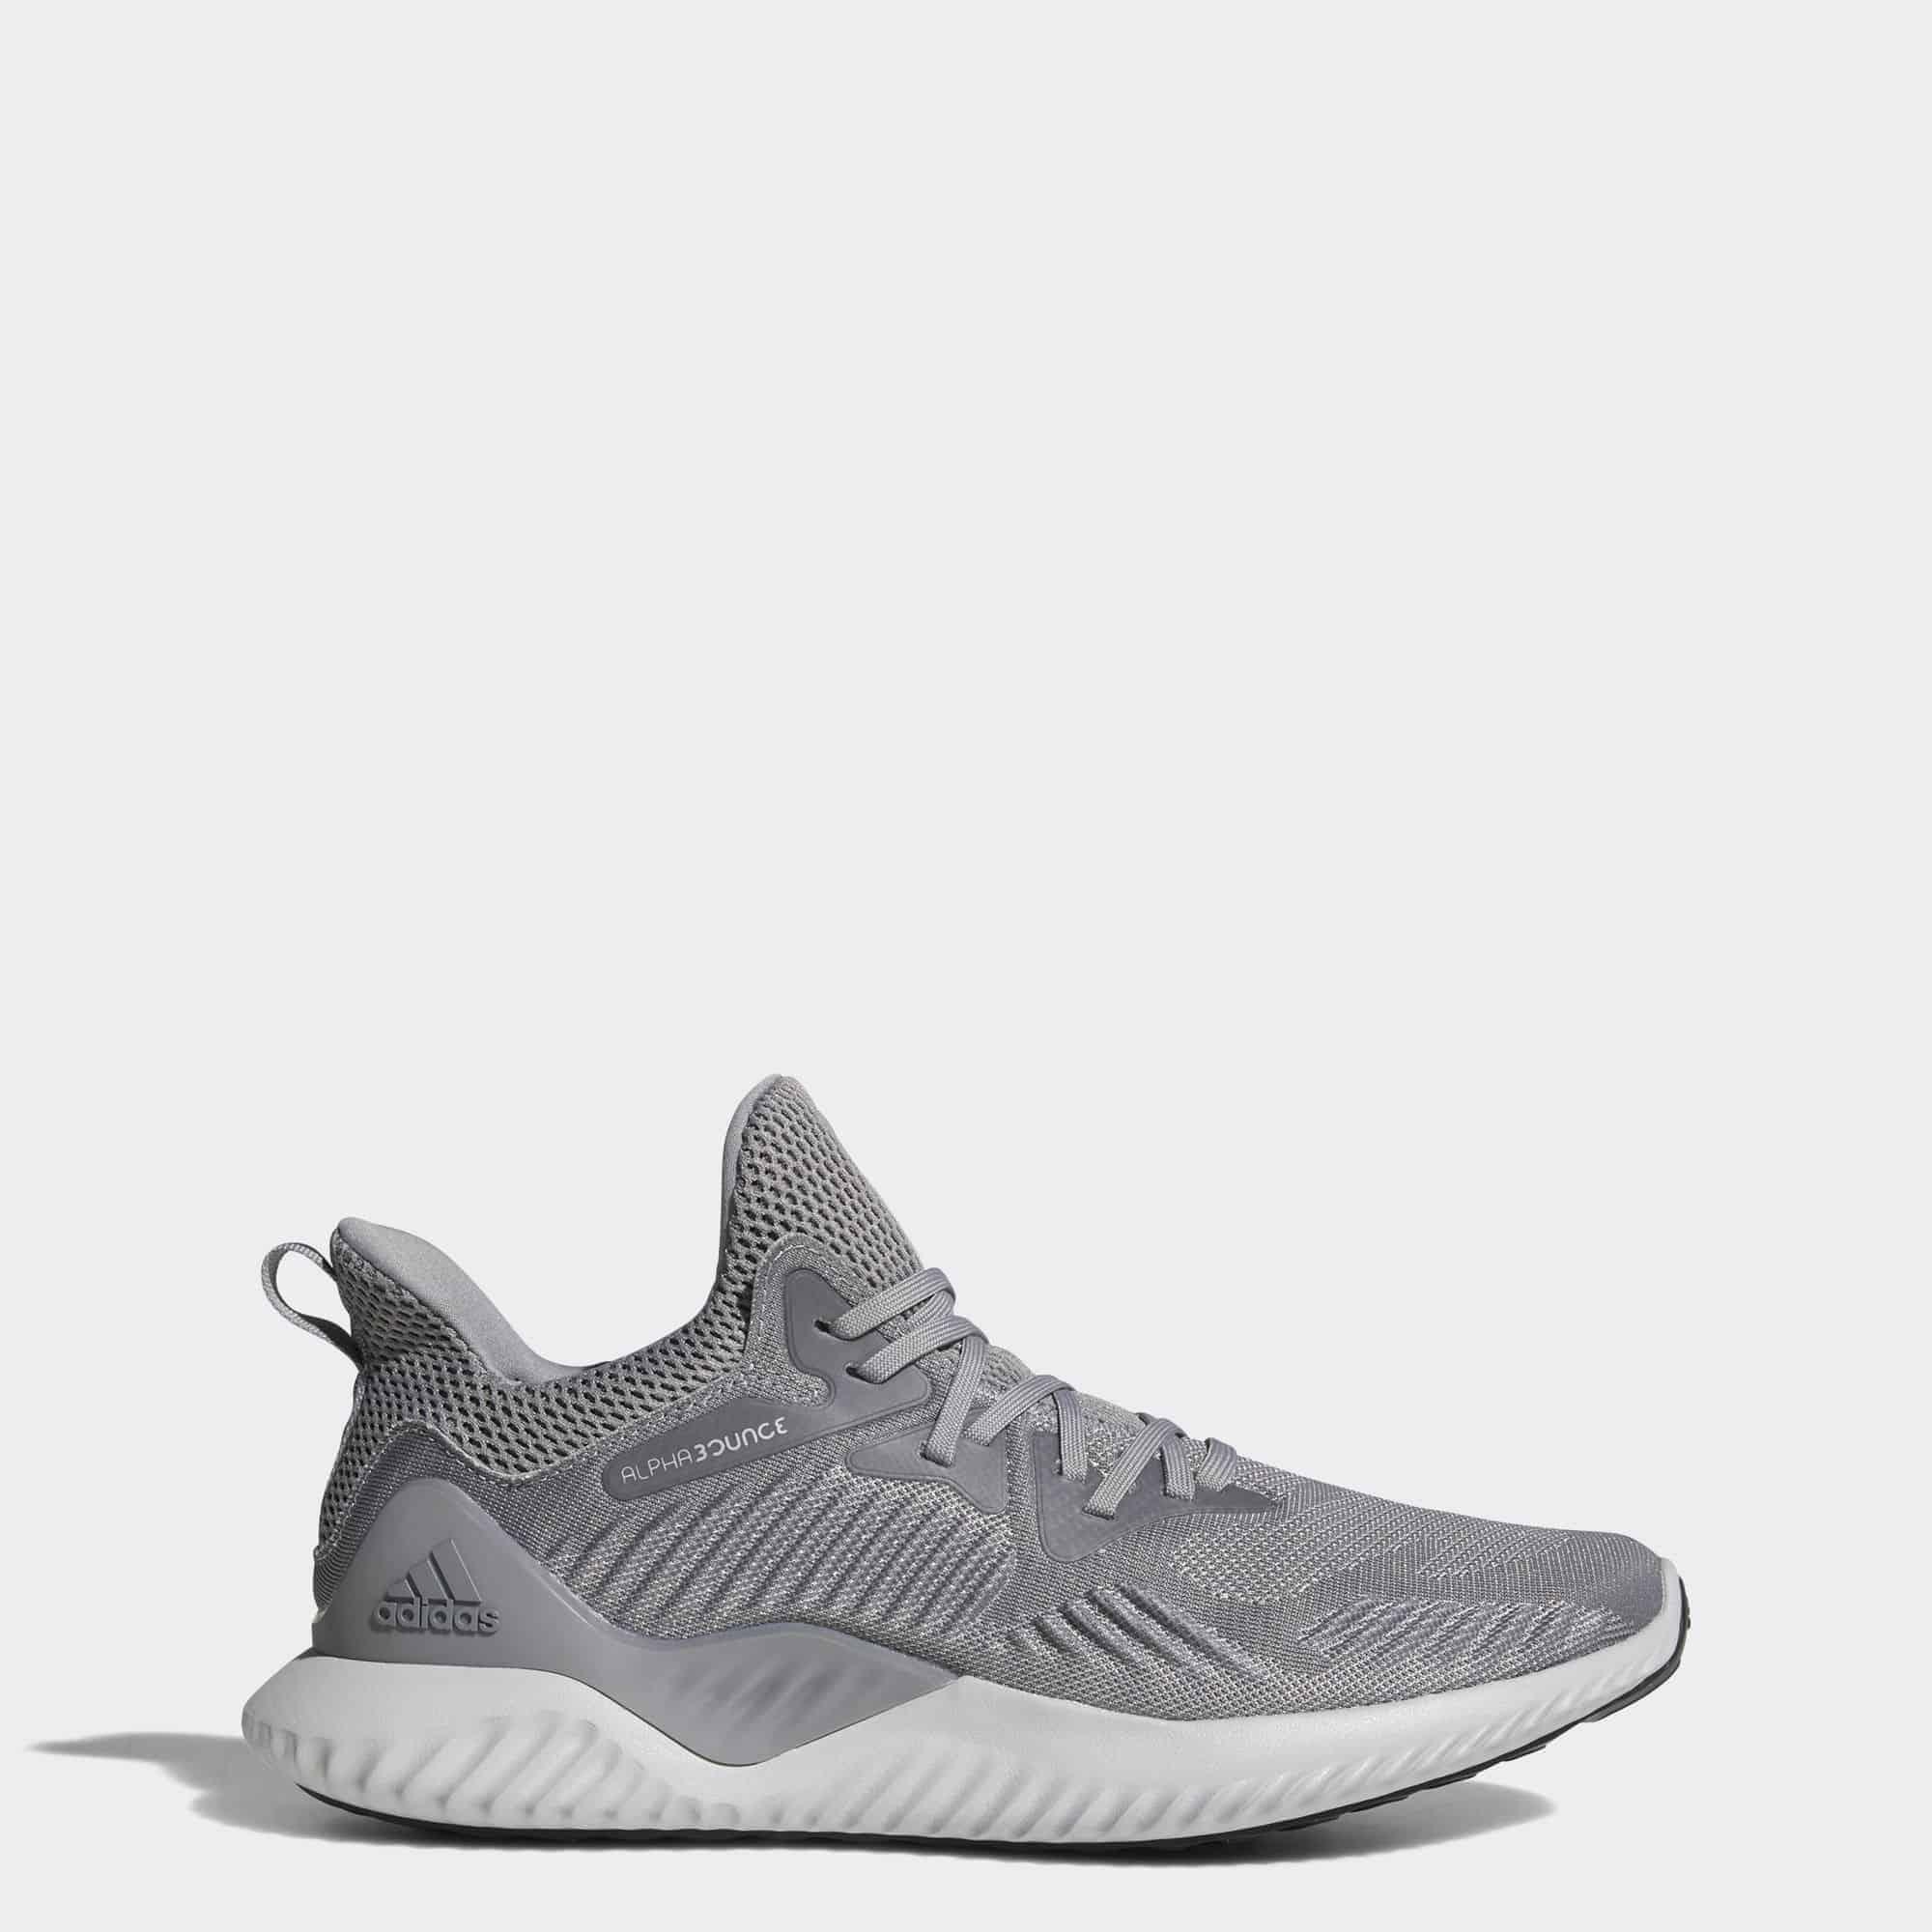 Кроссовки для бега Adidas Alphabounce Beyond мужские